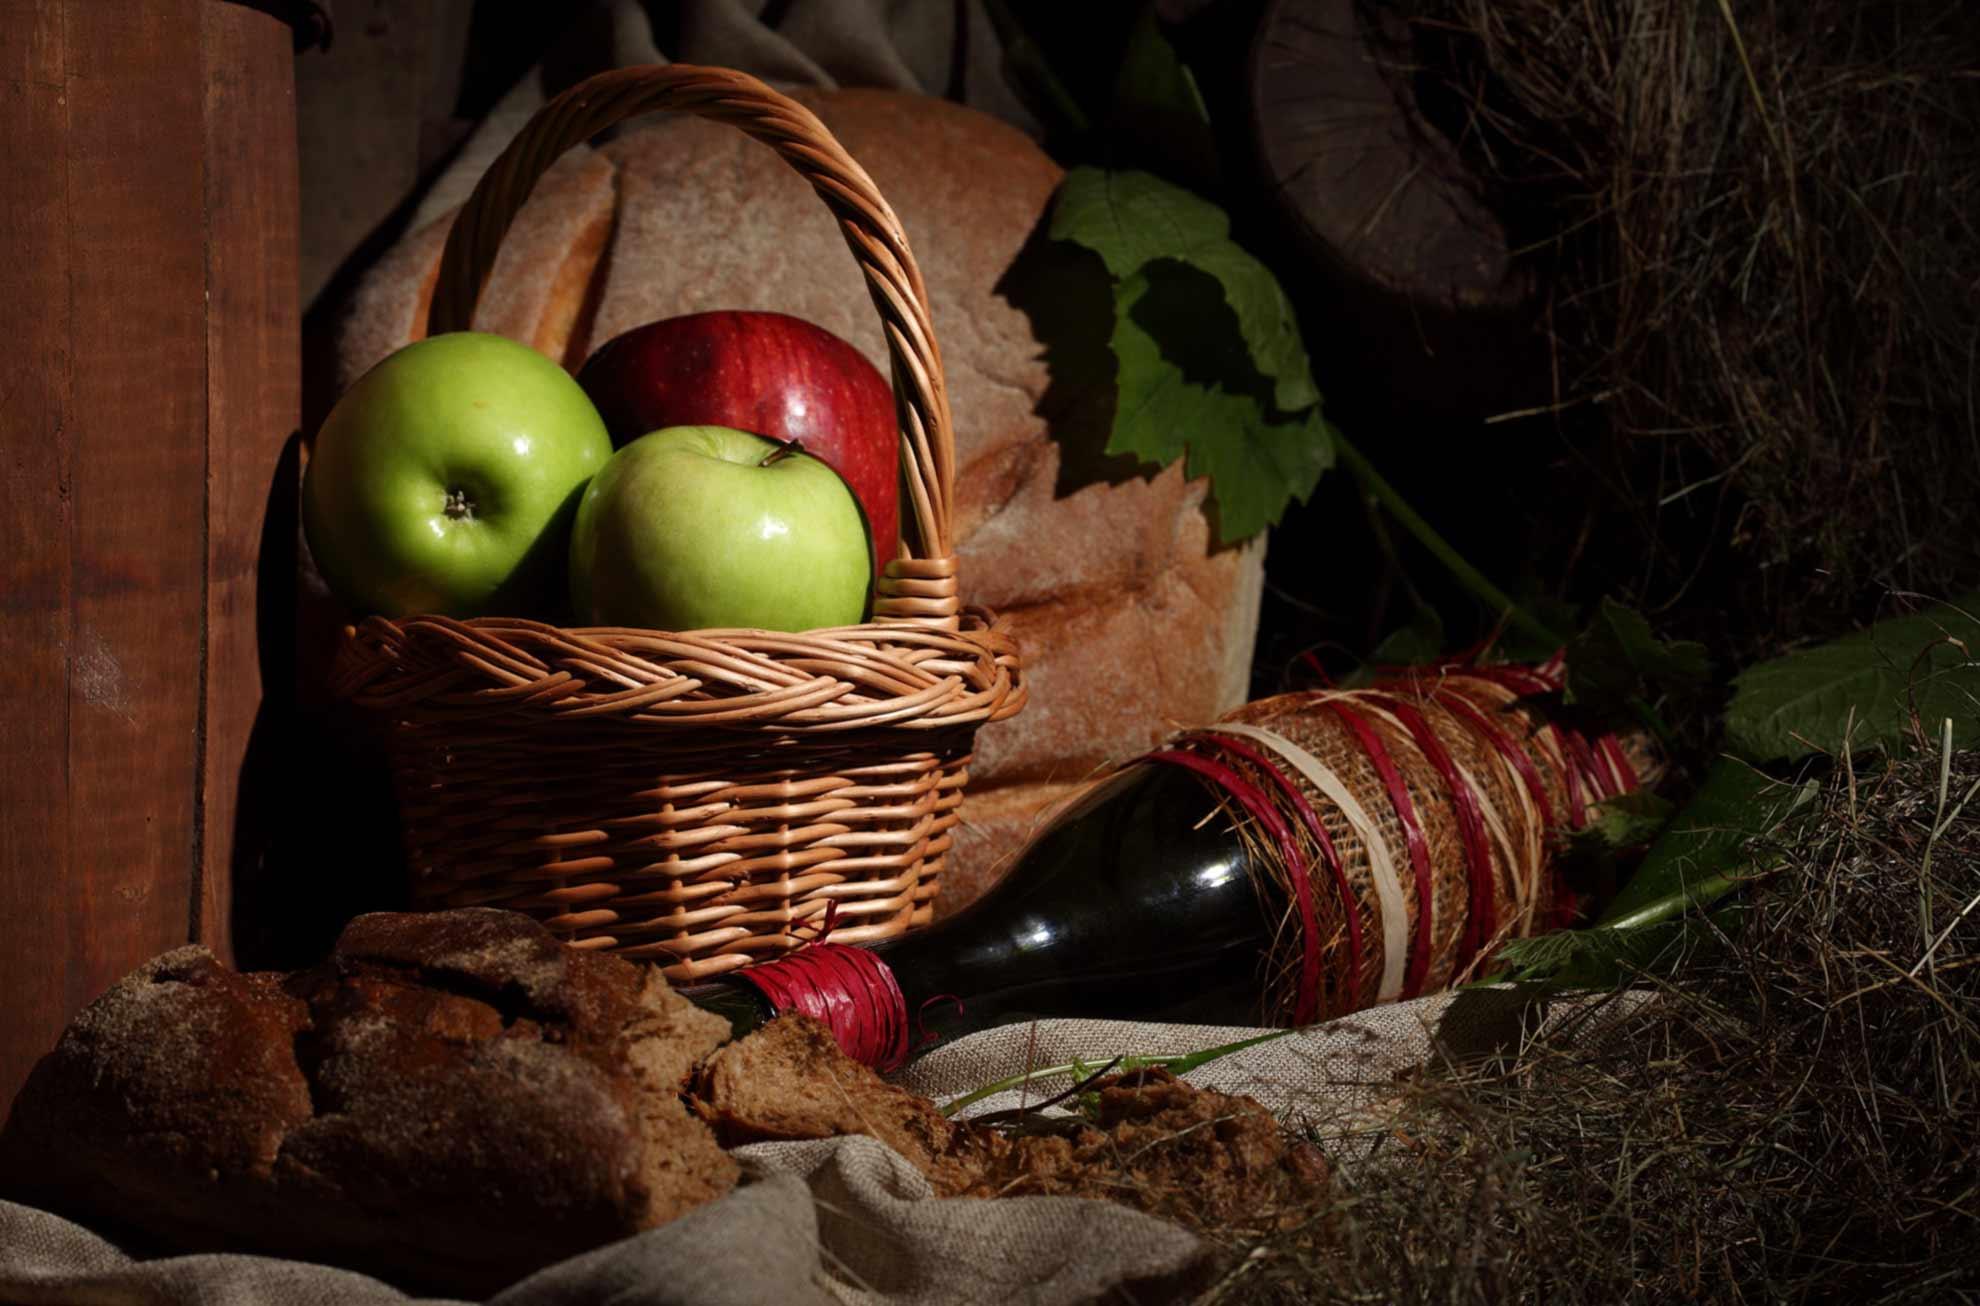 Сайт поиска натуральных продуктов home cooking.guru